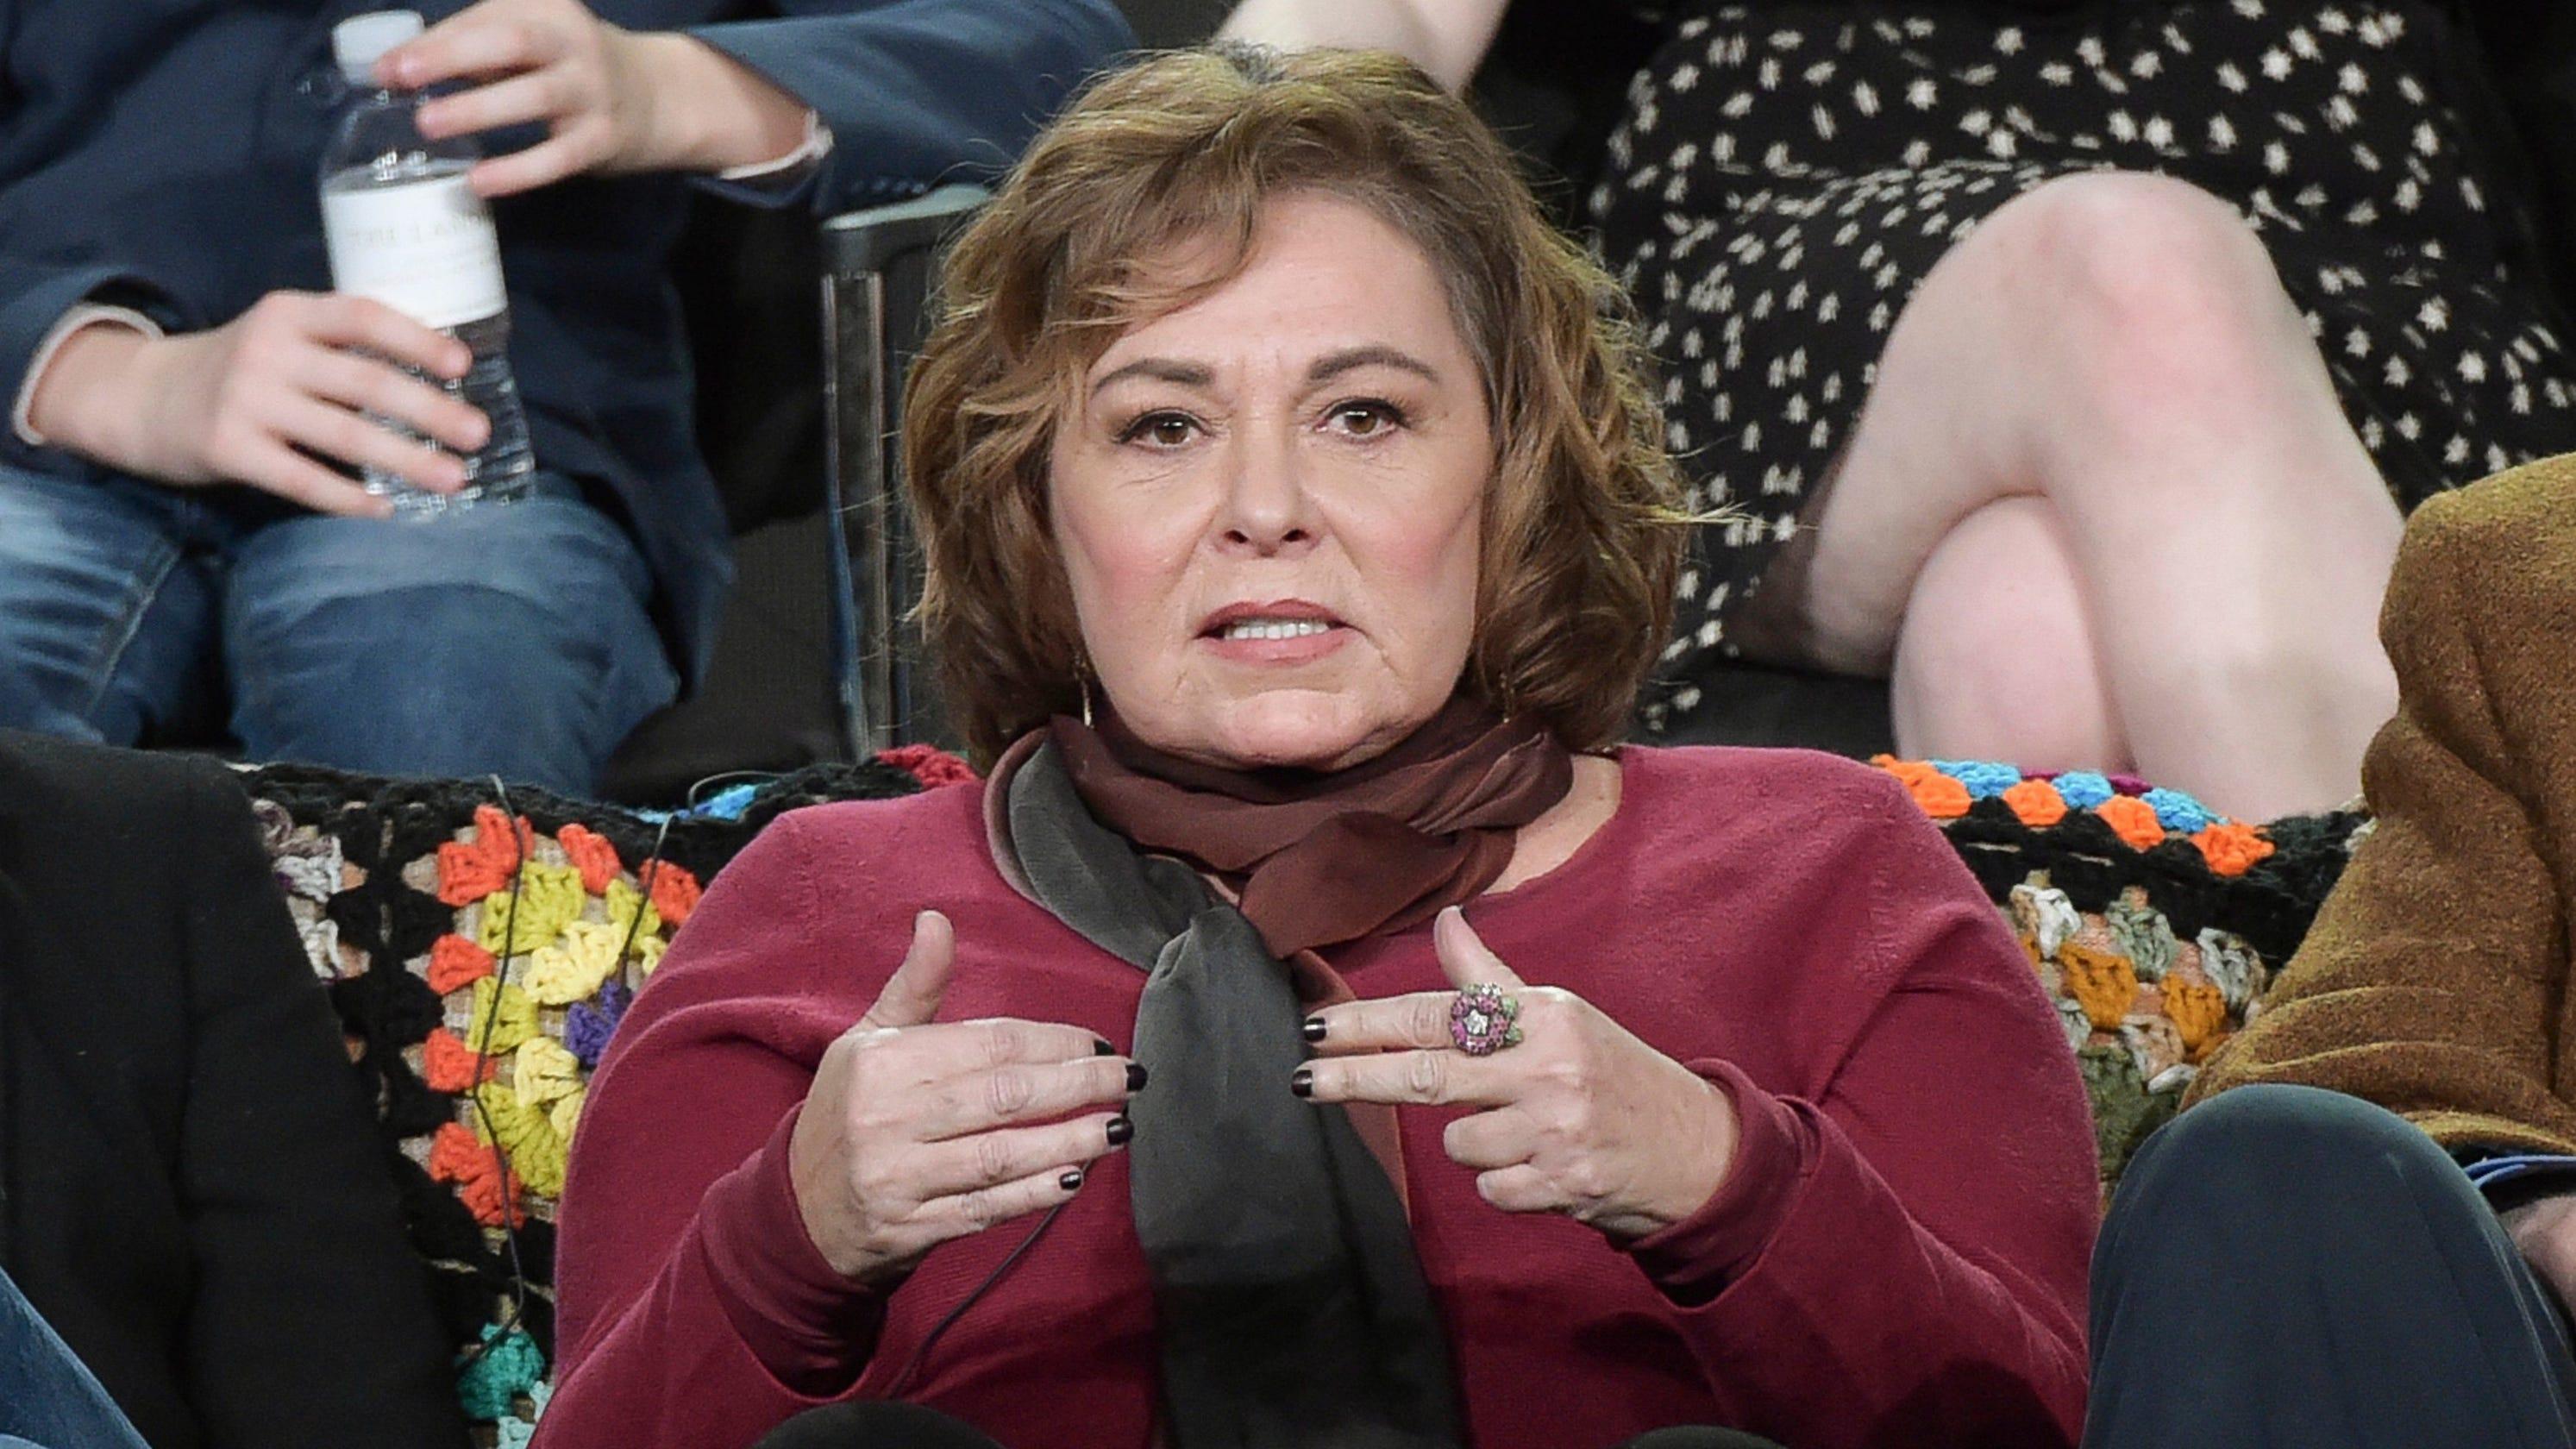 Roseanne Barr tells 'Jerusalem Post' she blames 'antisemitism' at ABC for her firing